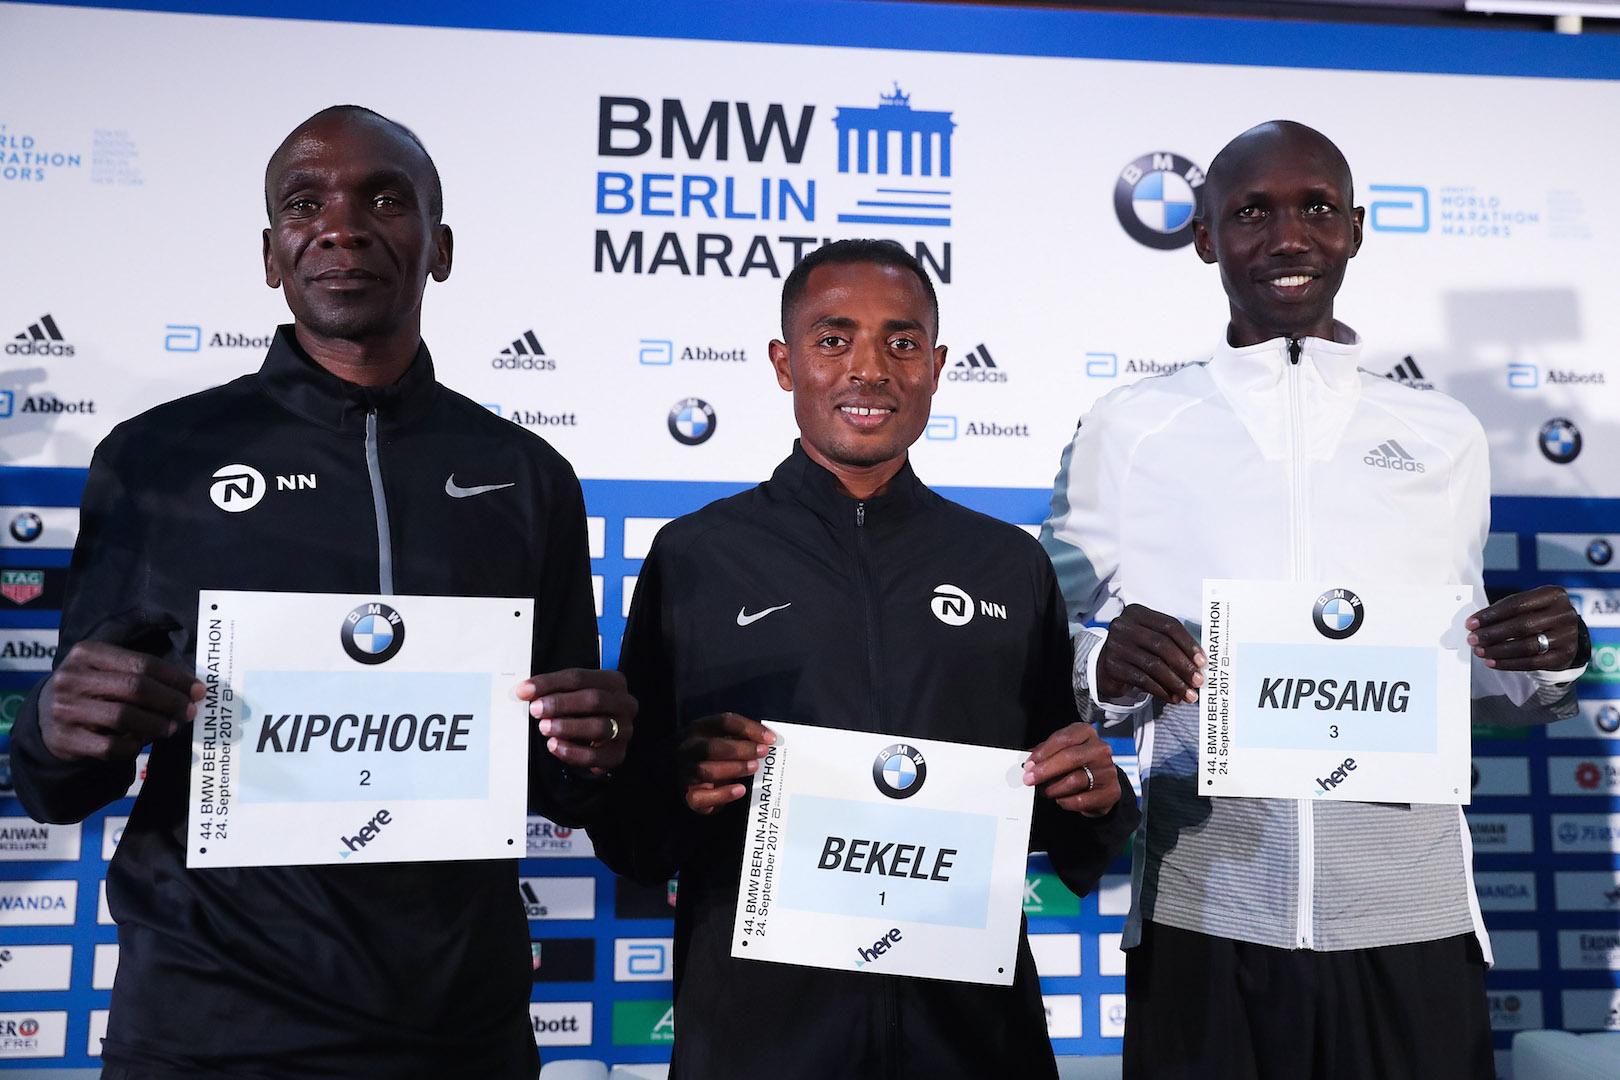 BMW Berlin-Marathon. Zapowiada się walka o nowy rekordowy wynik!